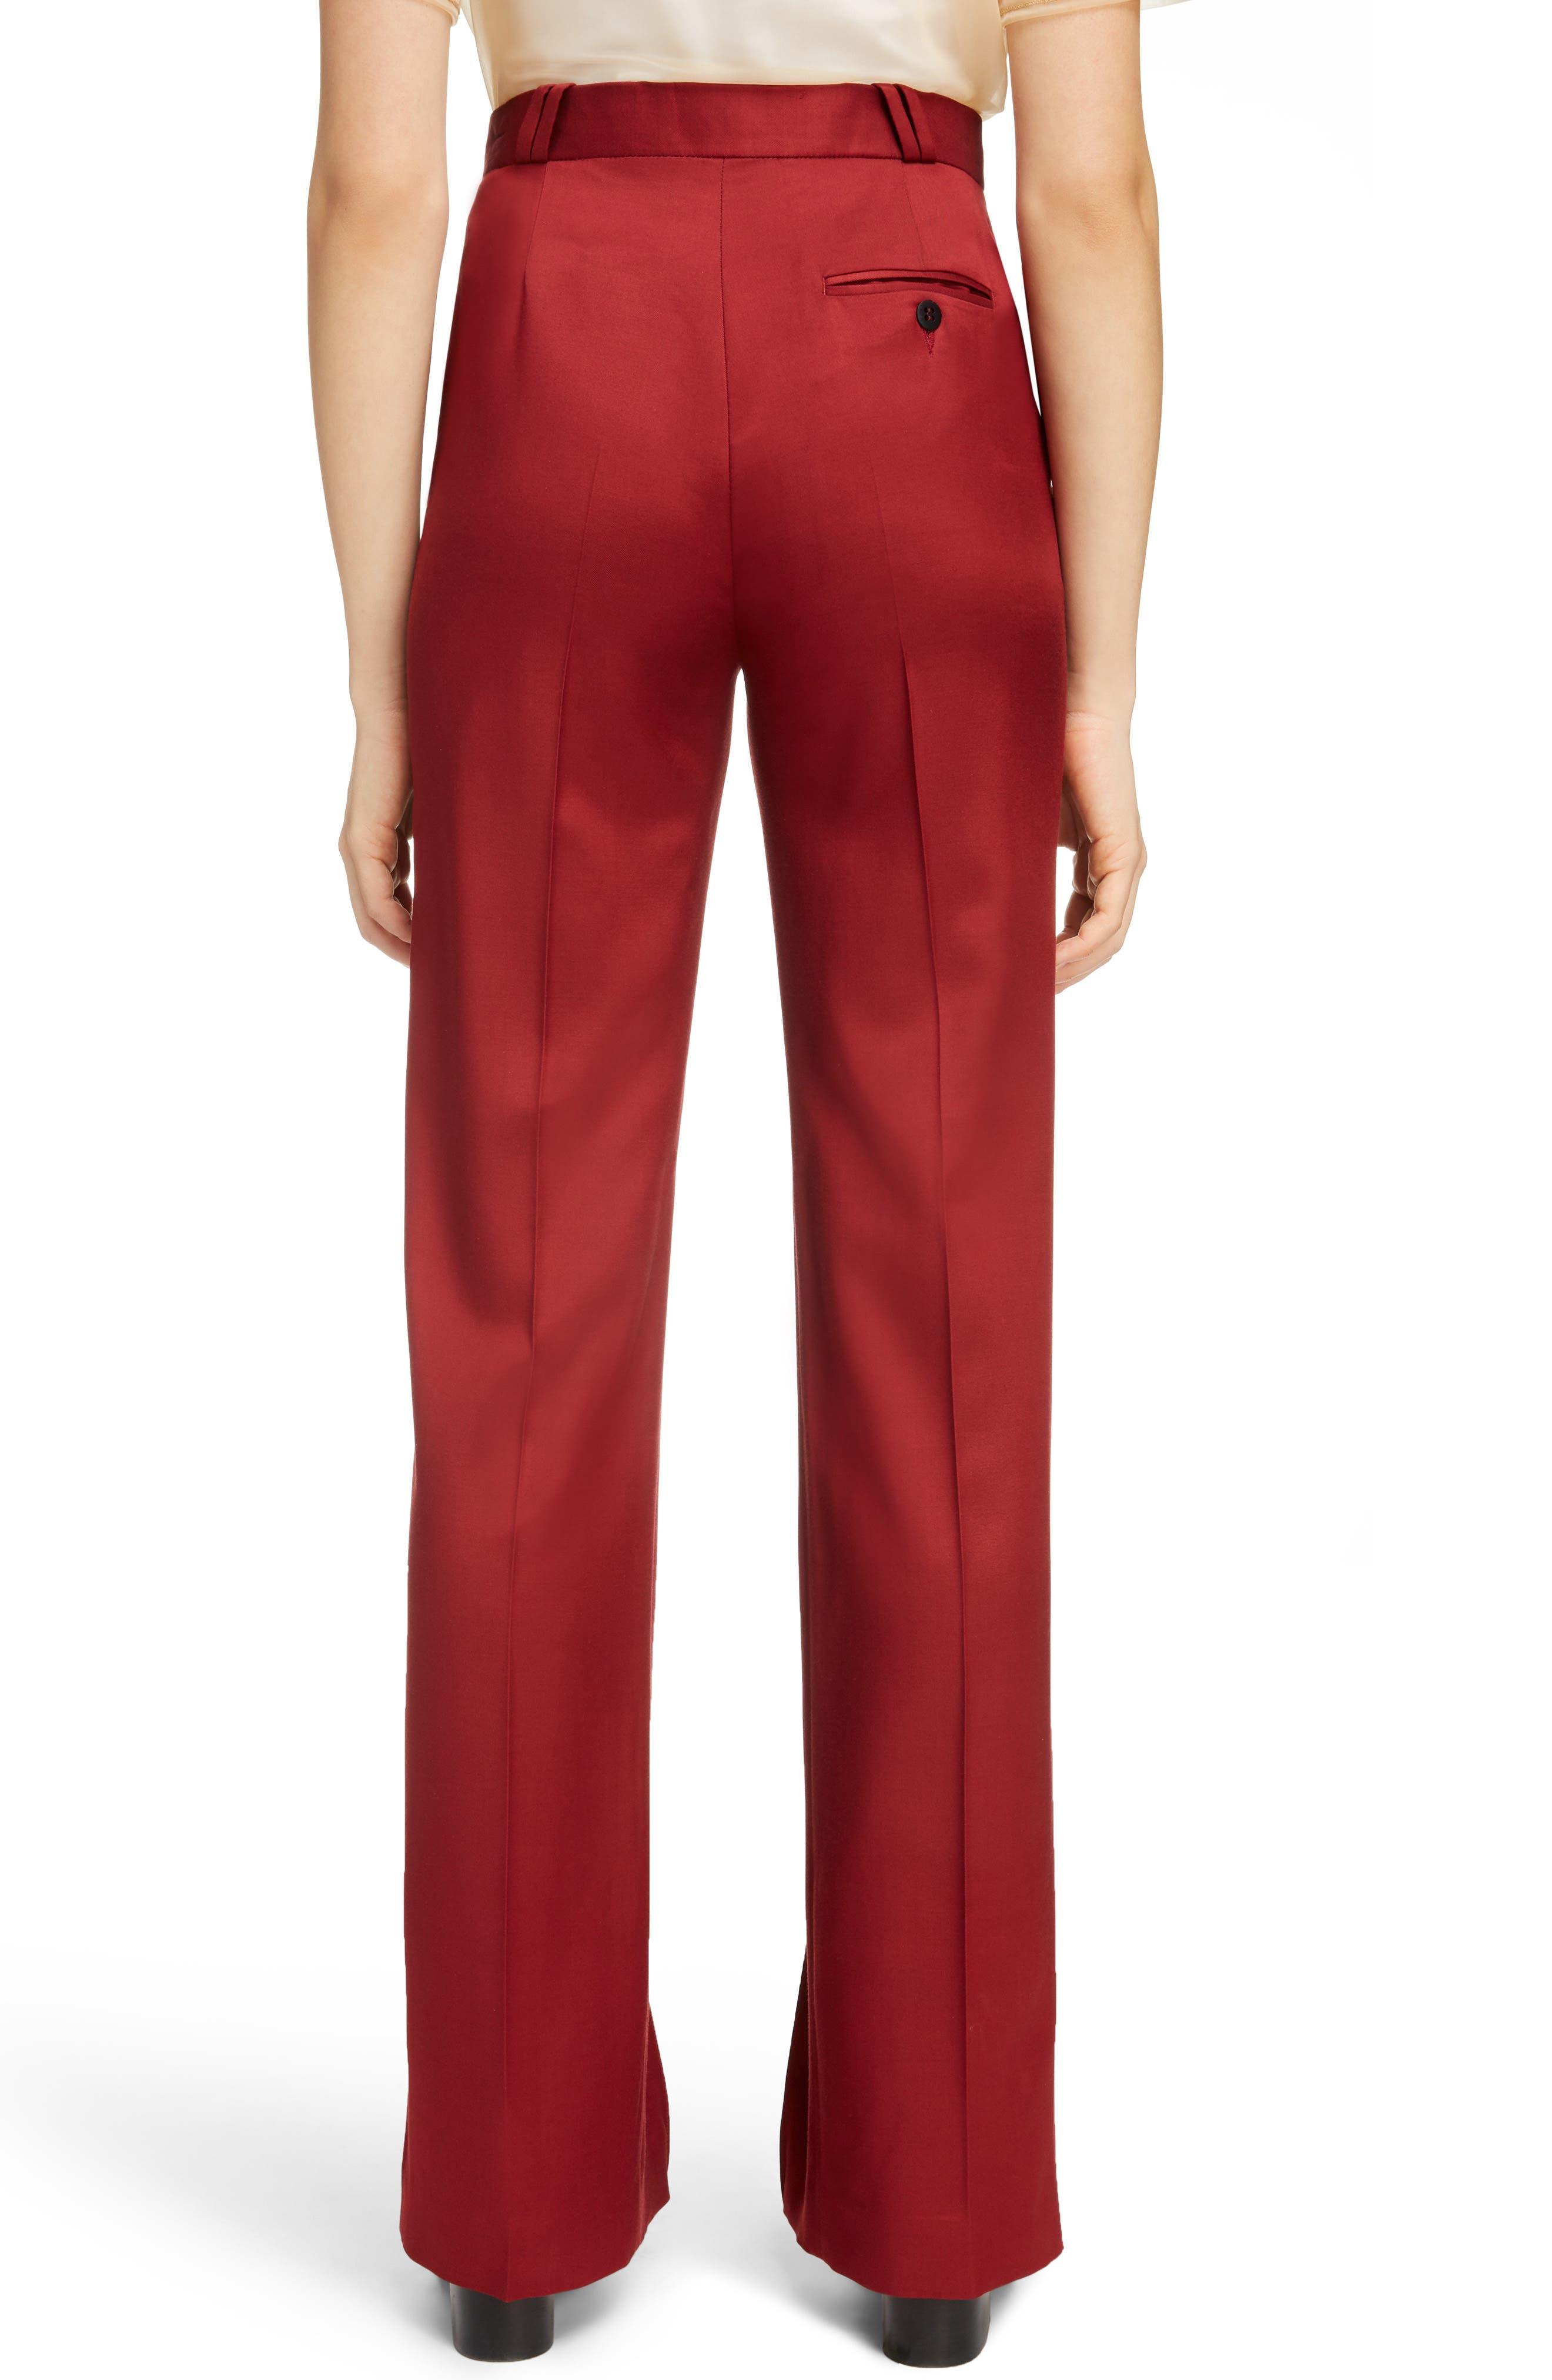 Tohny Suit Pants,                             Alternate thumbnail 2, color,                             930